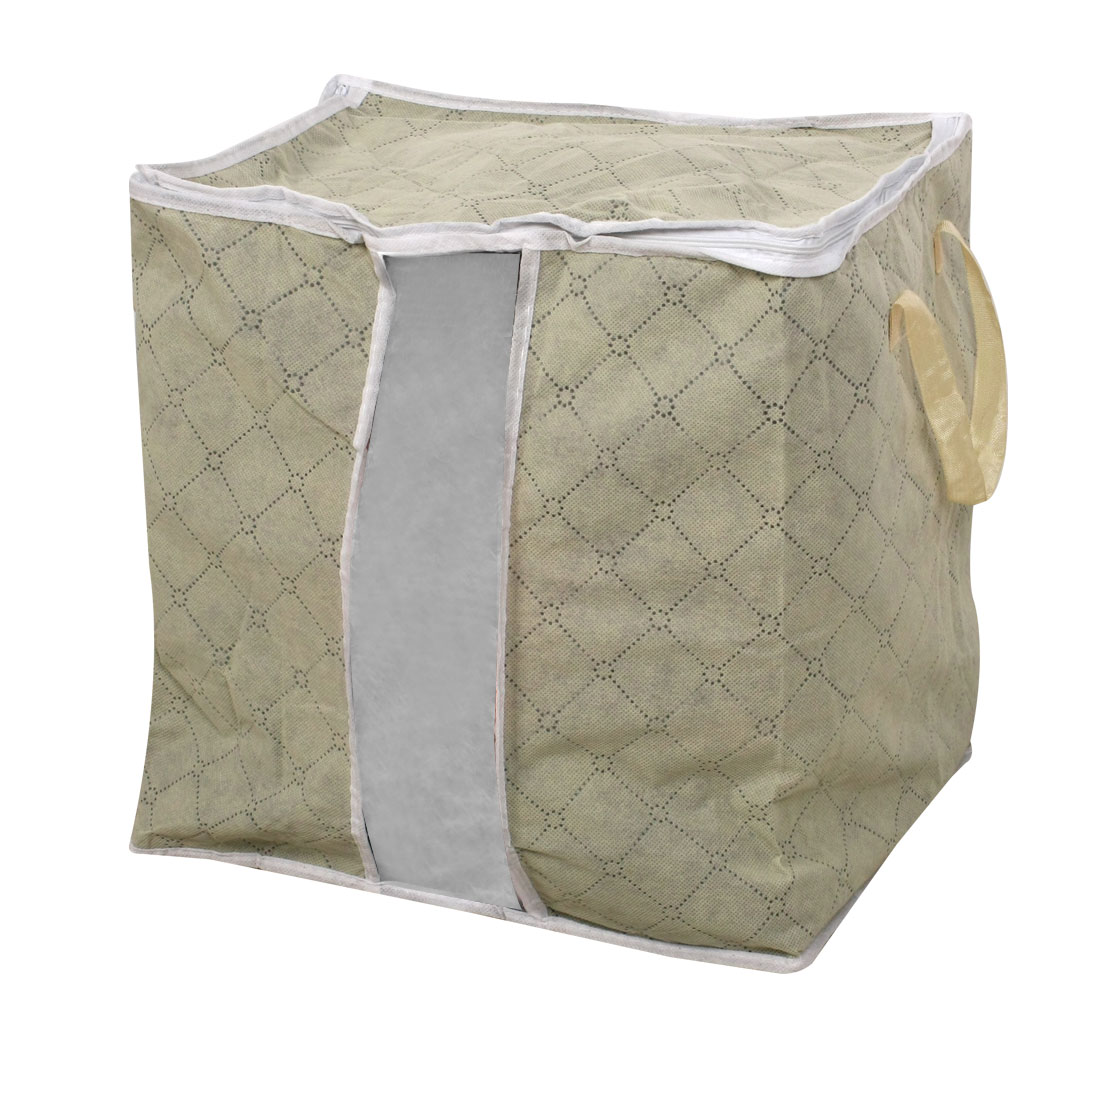 Zipper Closure Gray Check Print Non-woven Fabric Storage Pouch Bag